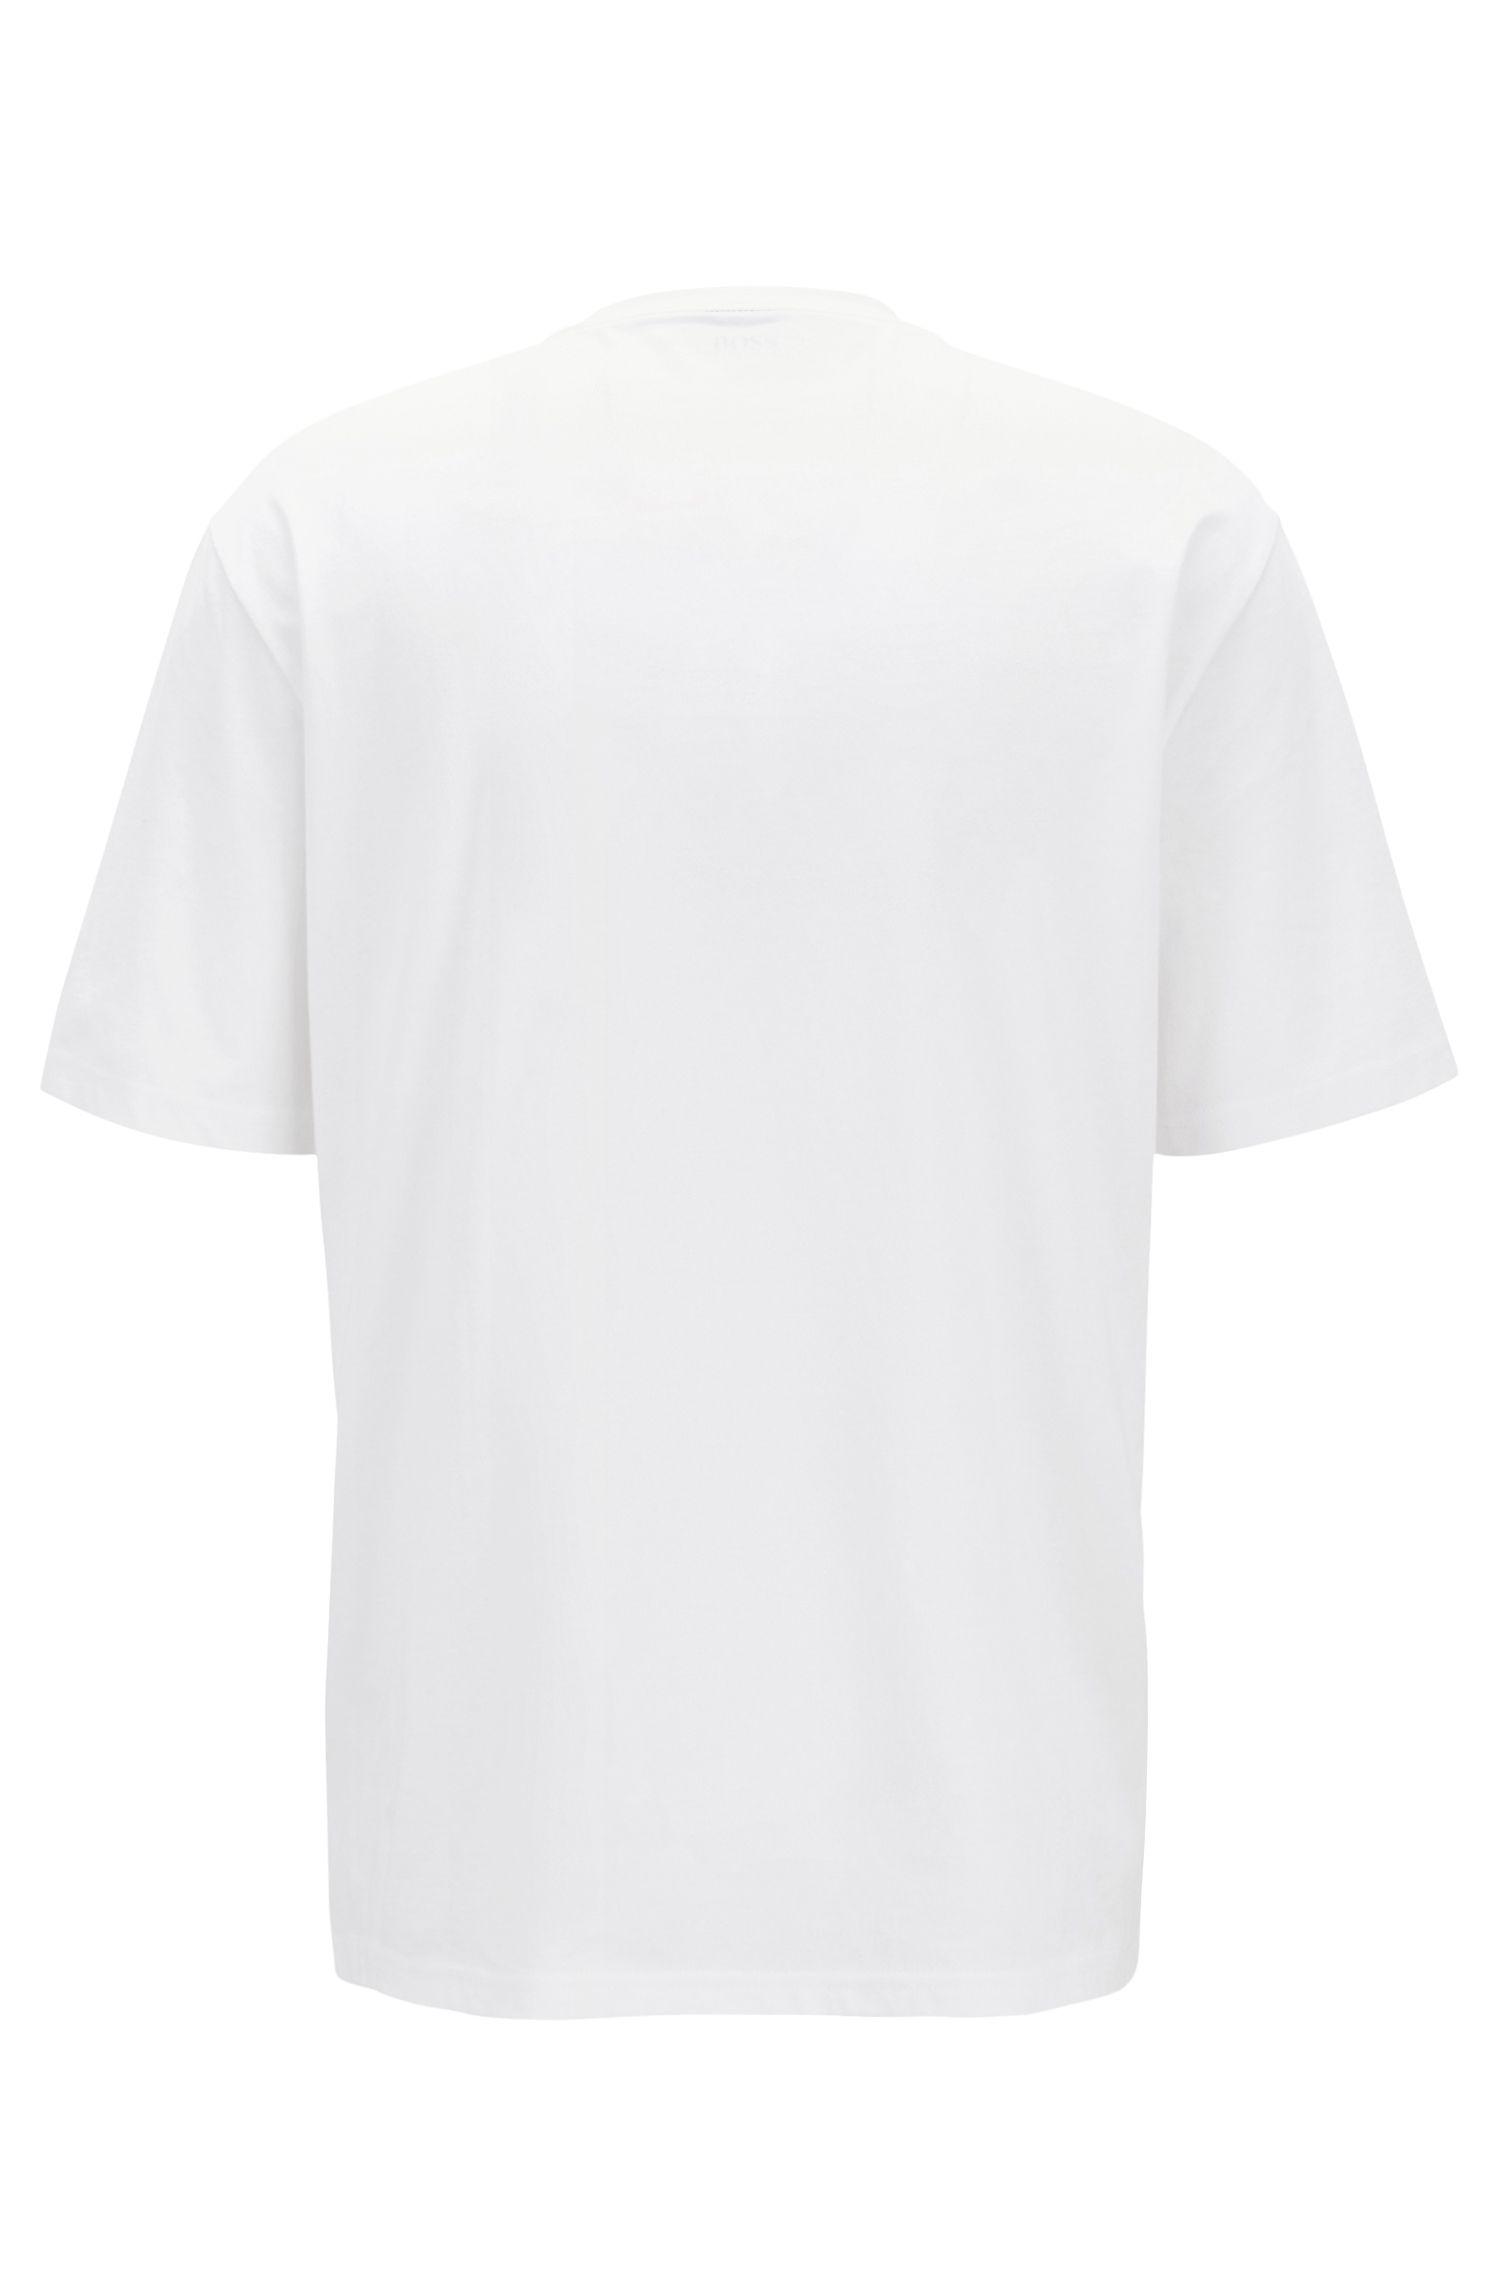 T-shirt Relaxed Fit en jersey de coton à effets3D, Blanc